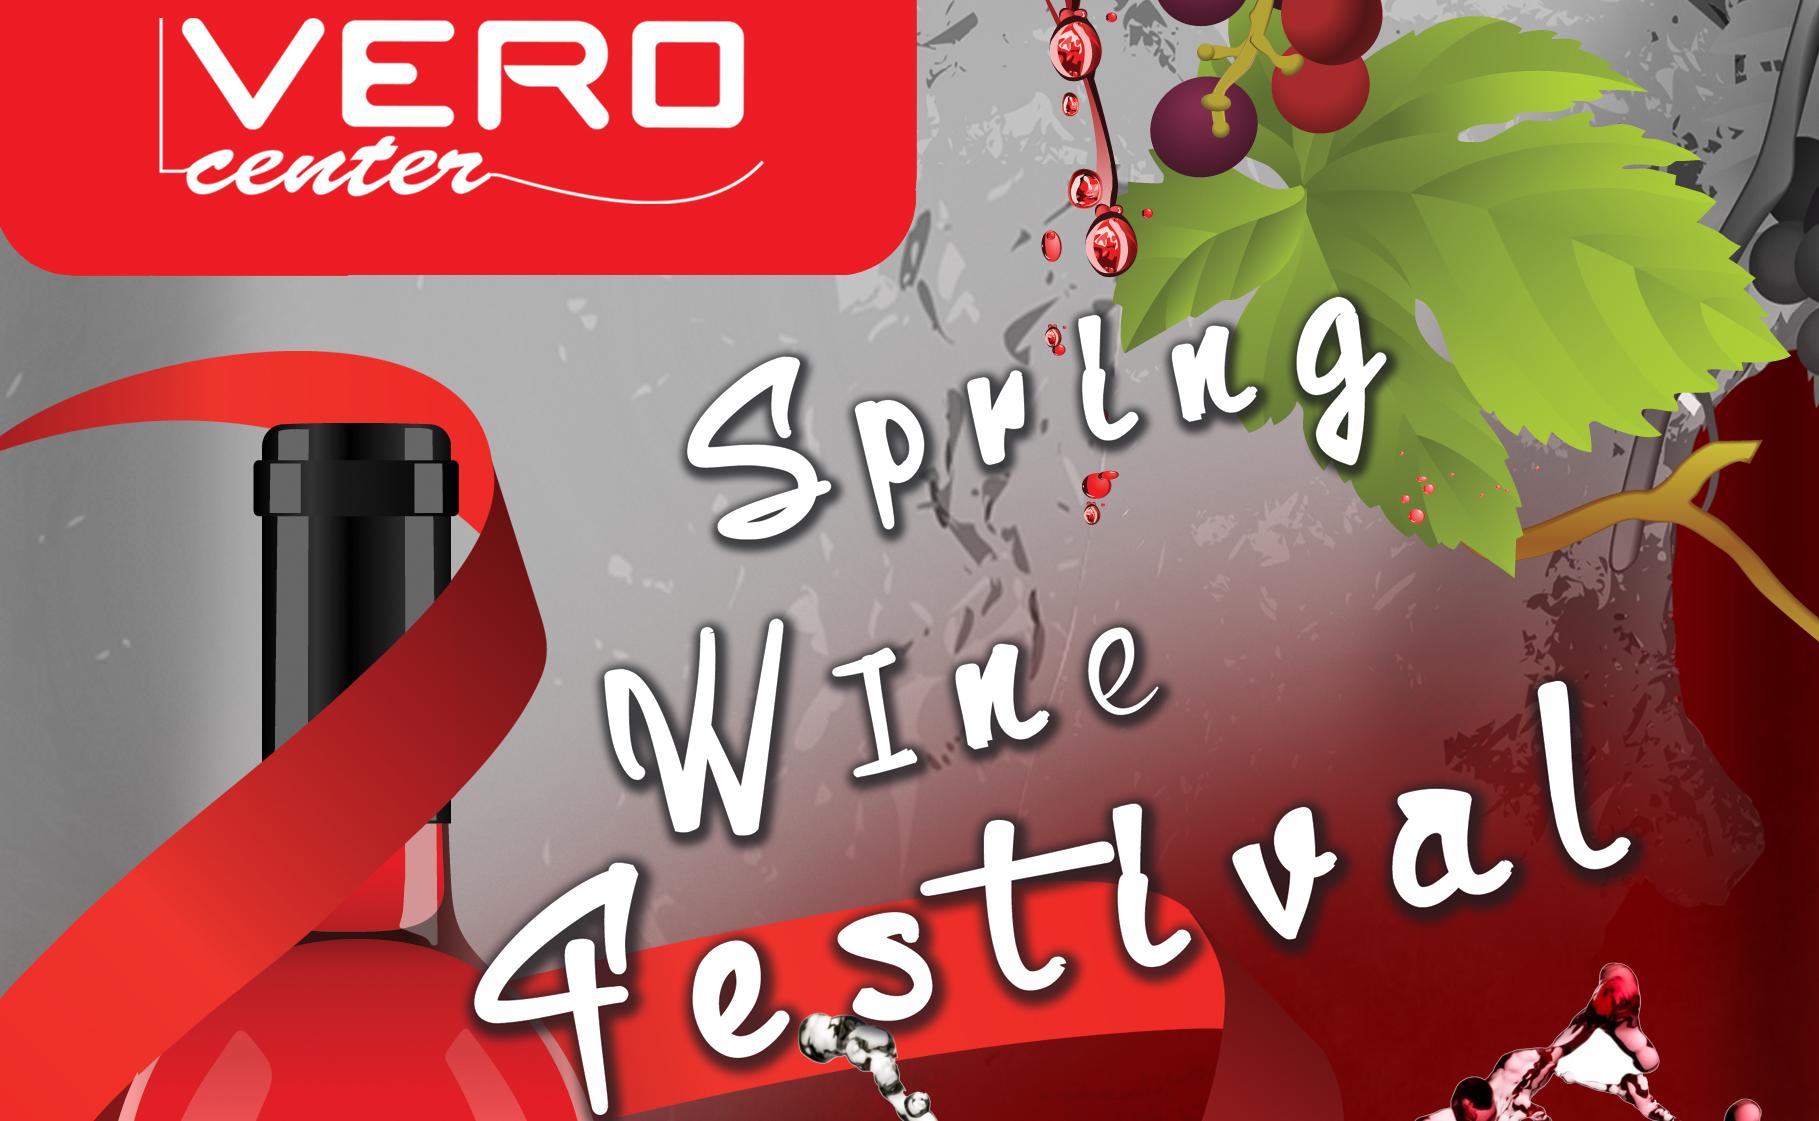 """Денеска на паркингот кај Веро Центар започнува """"Пролетниот фестивал на виното"""""""